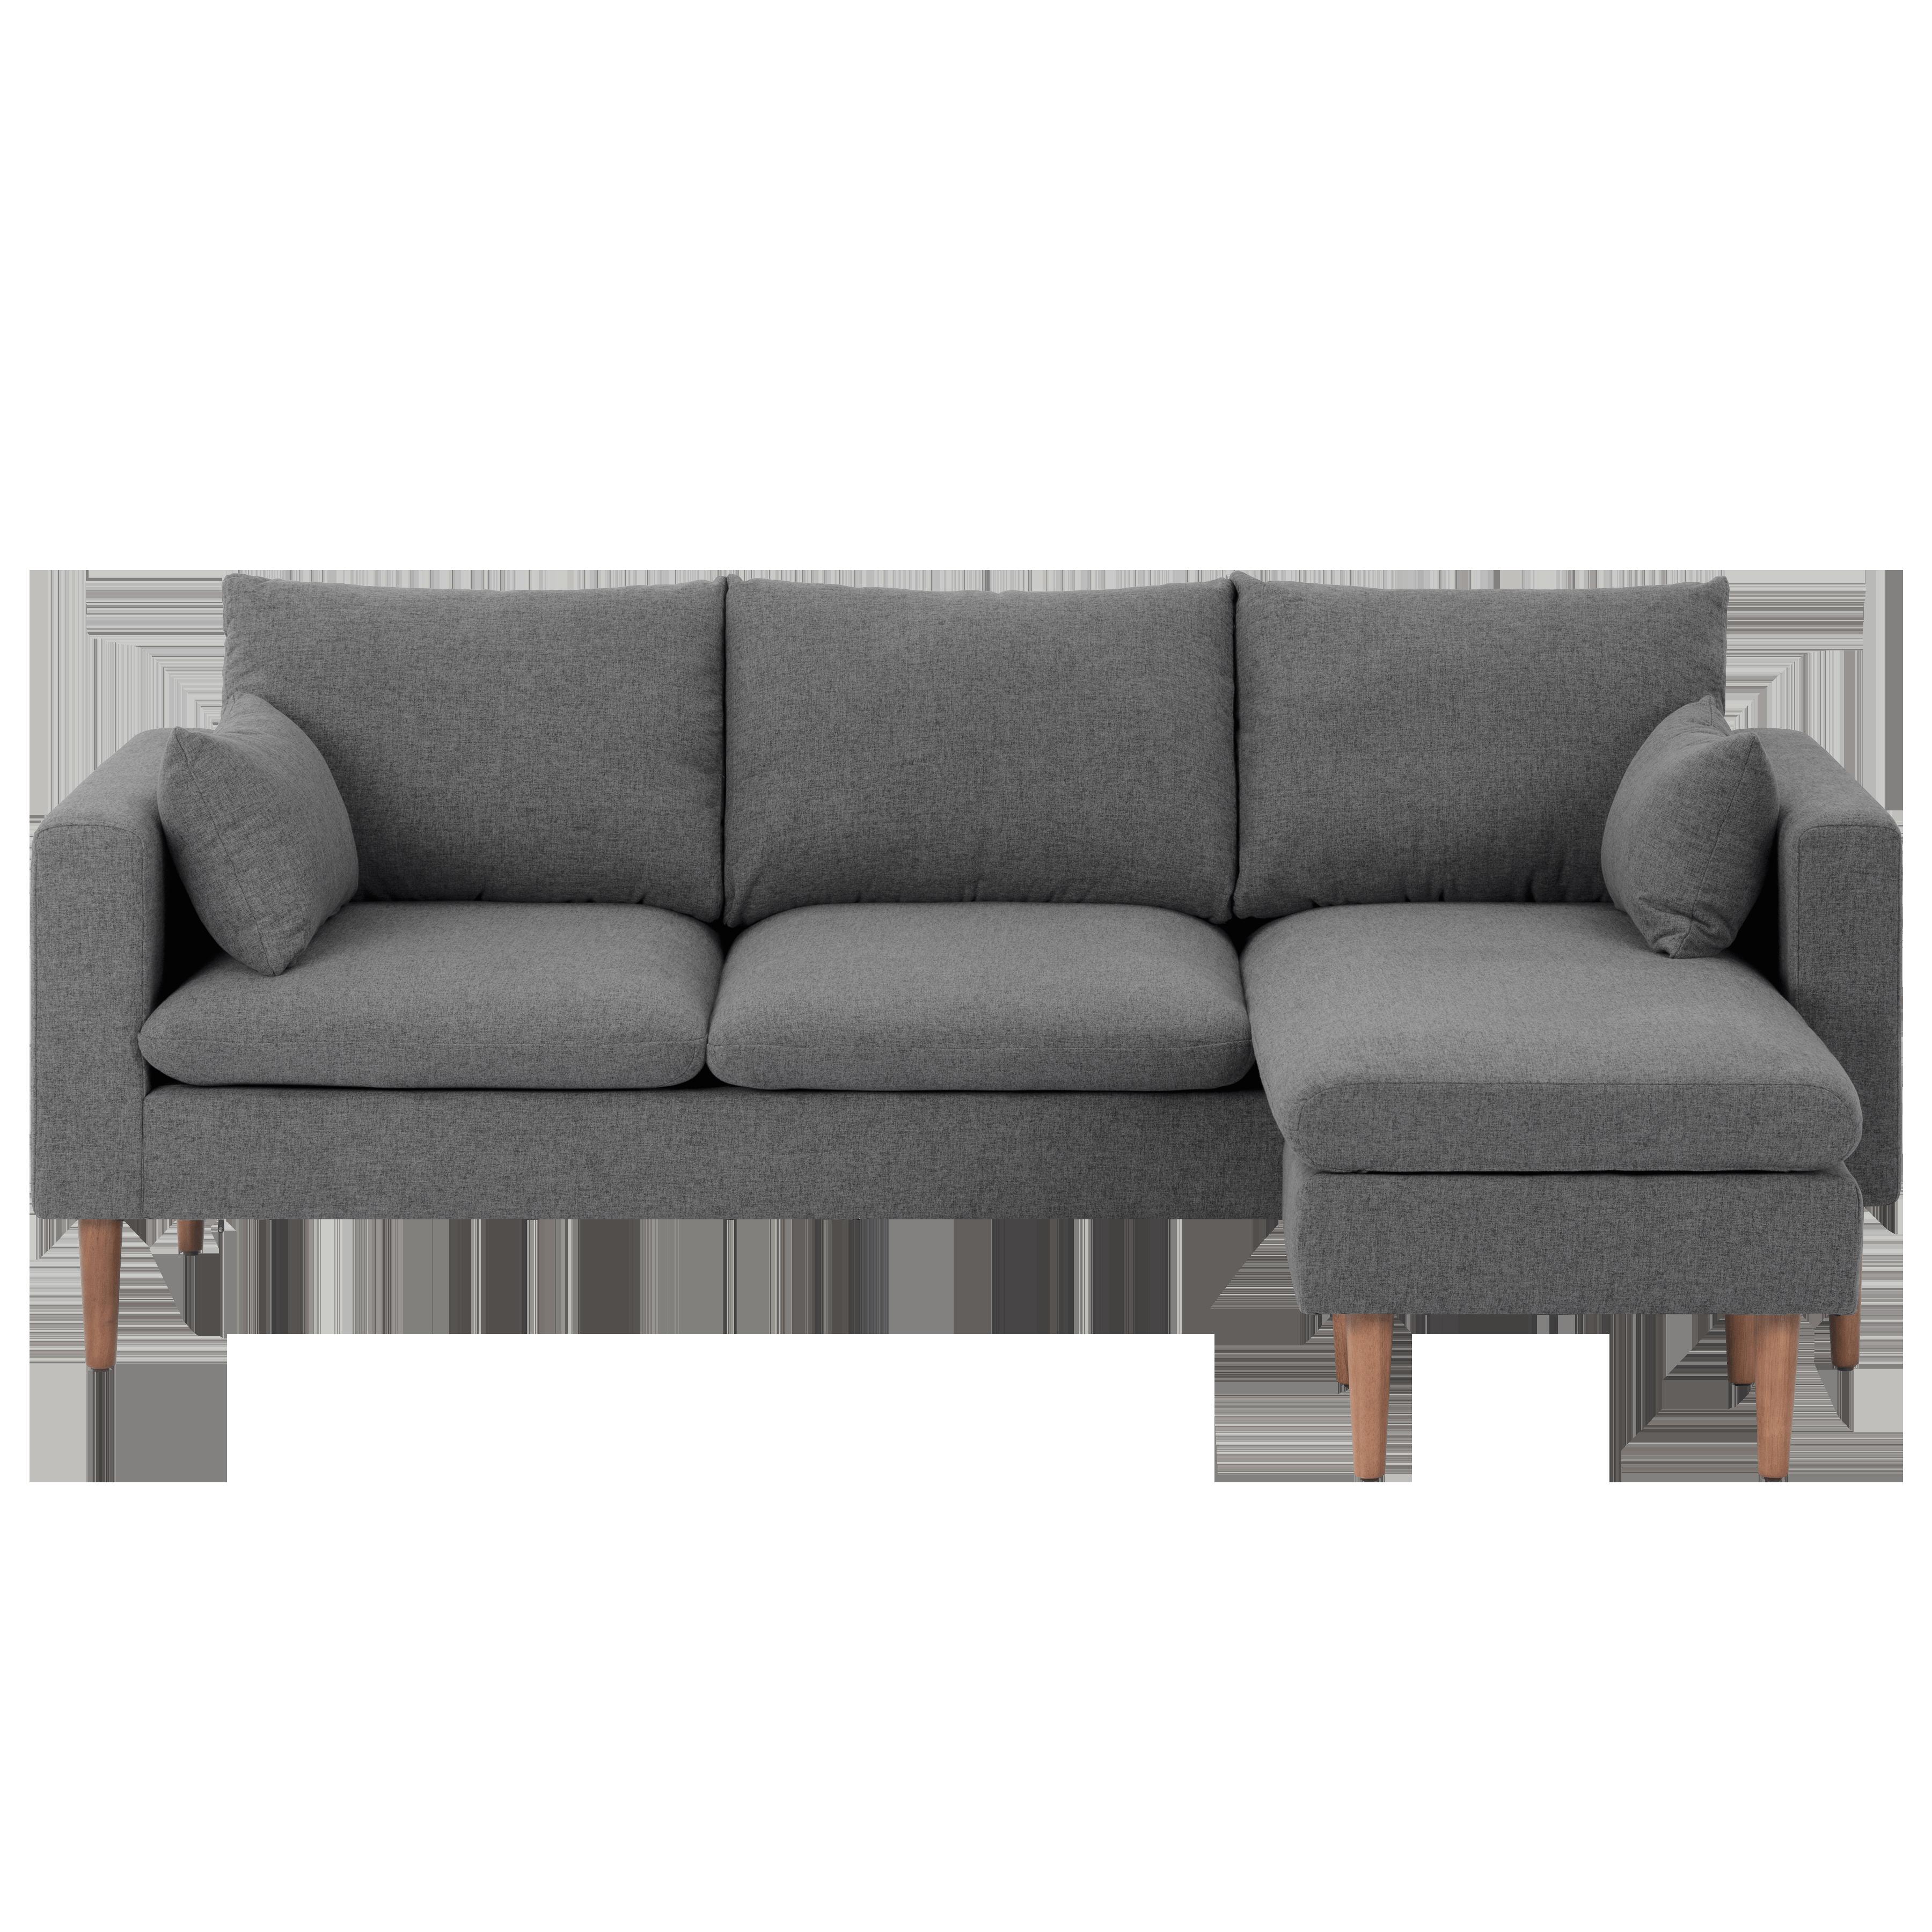 Fine Alicia L Shaped Sofa Dark Grey In 2019 L Shaped Sofa Creativecarmelina Interior Chair Design Creativecarmelinacom